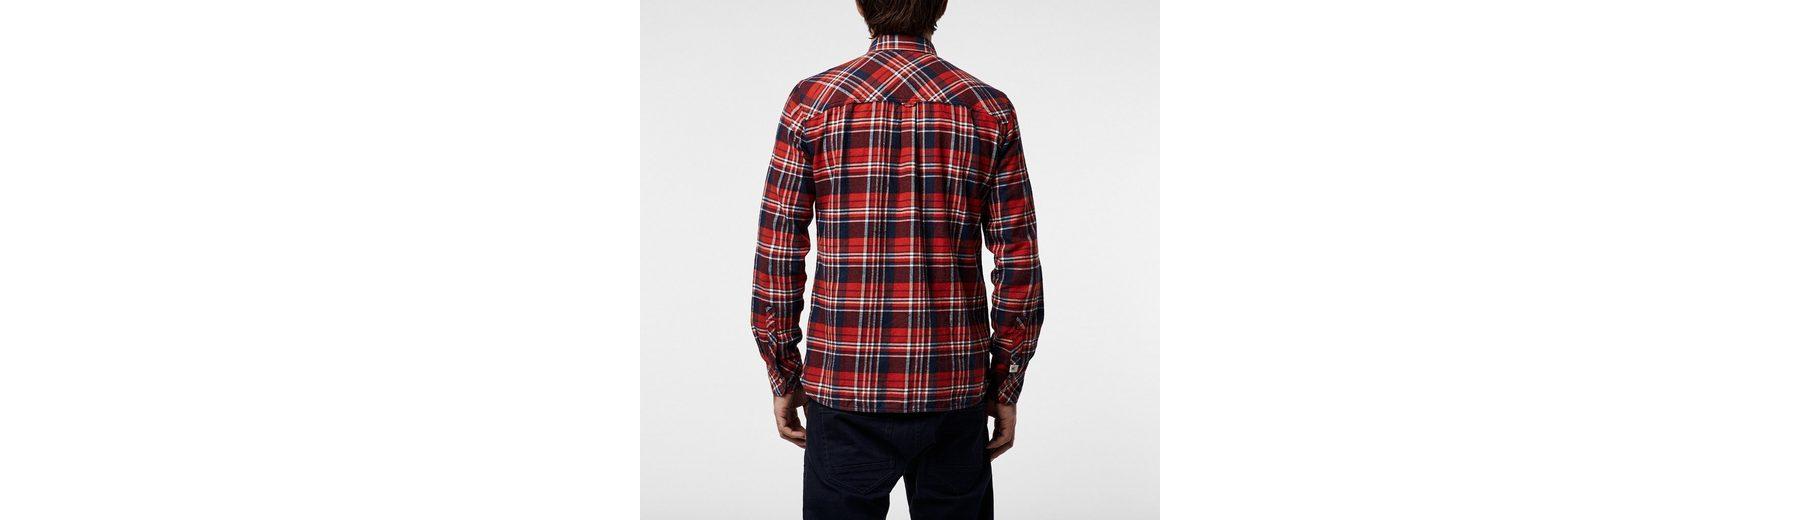 O'Neill Hemd langärmlig Violator Flannel Steckdose Neu Mit Kreditkarte Billig Für Billig Ausgezeichnete Online-Verkauf 9HxA12T2